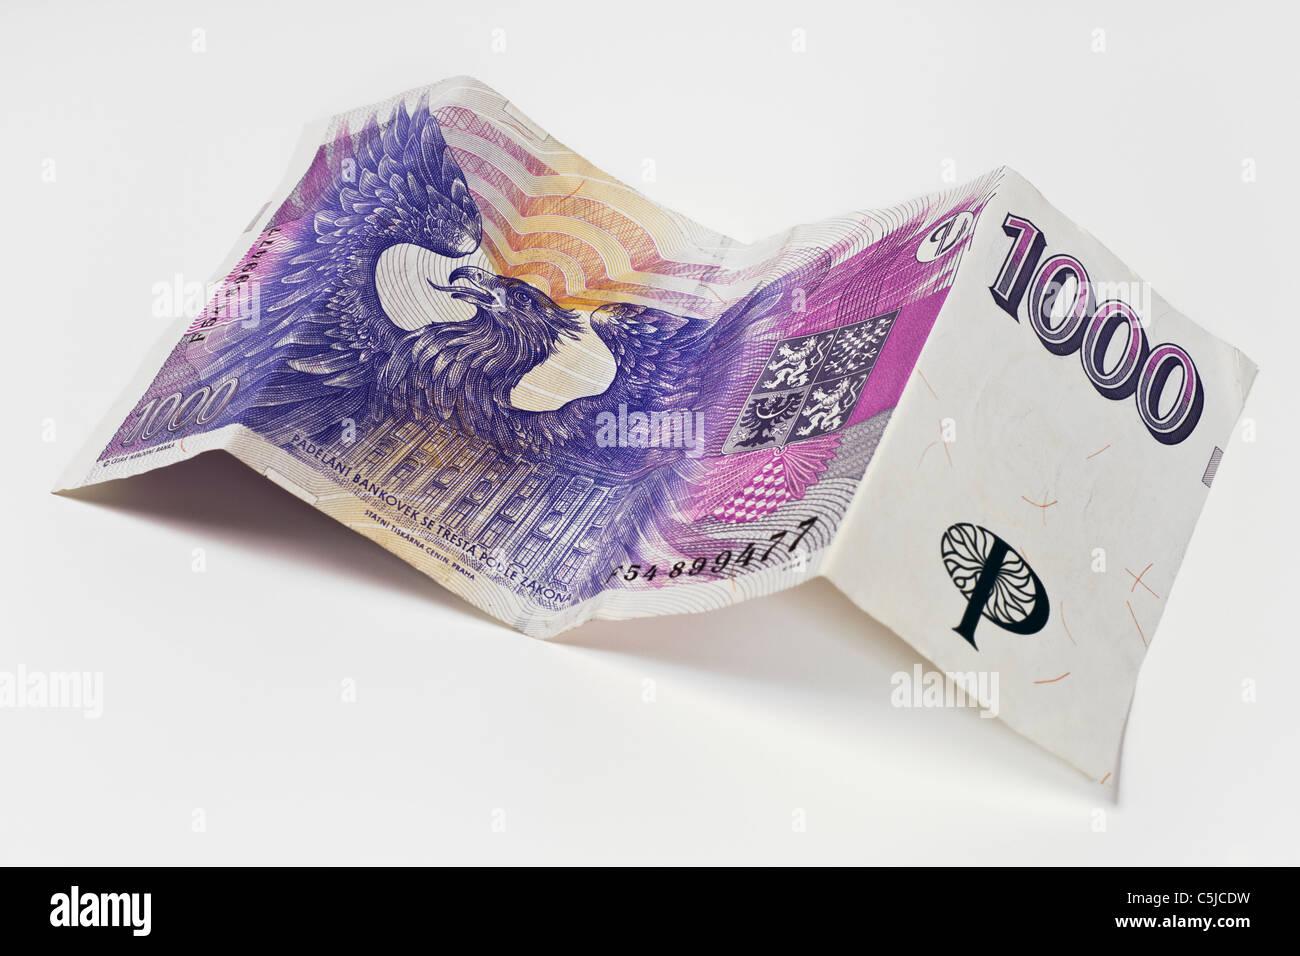 Rückseite einer tschechischen 1000 Kronen Banknote | back side of a czech 1000 koruna Banknote Stock Photo